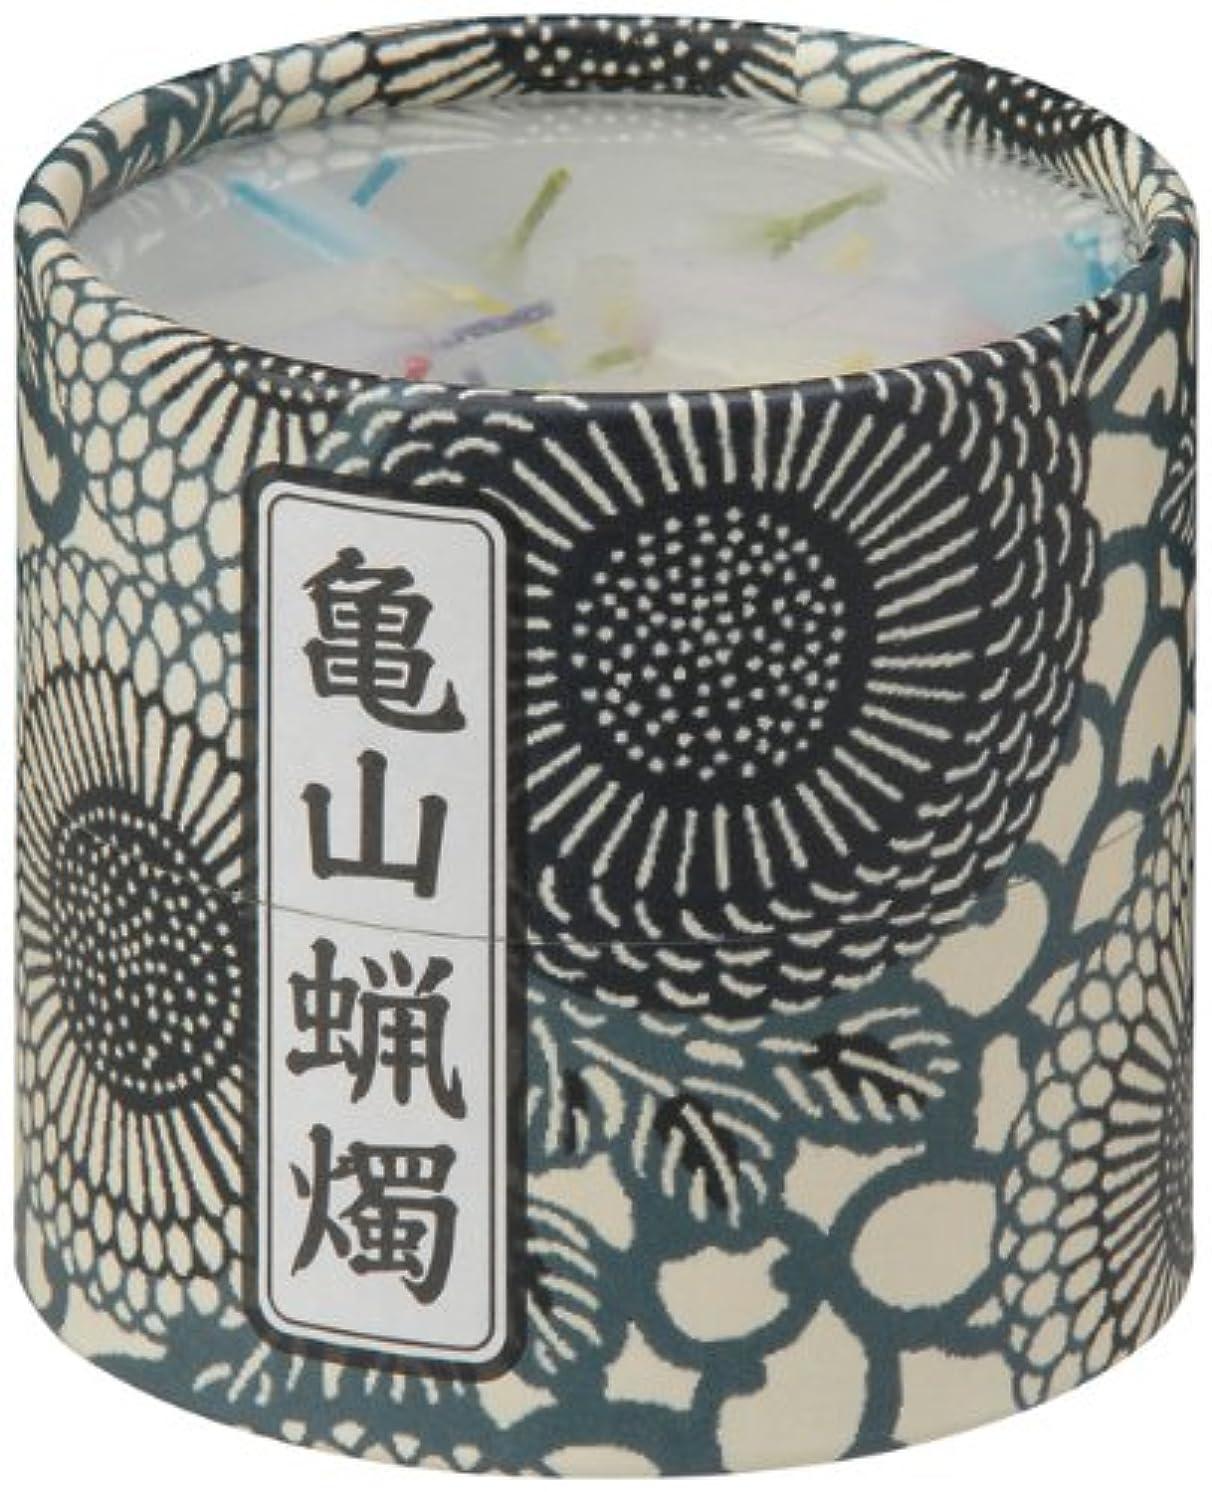 フォーラムキャラバン反対した亀山五色蝋燭(小) 約130本入り